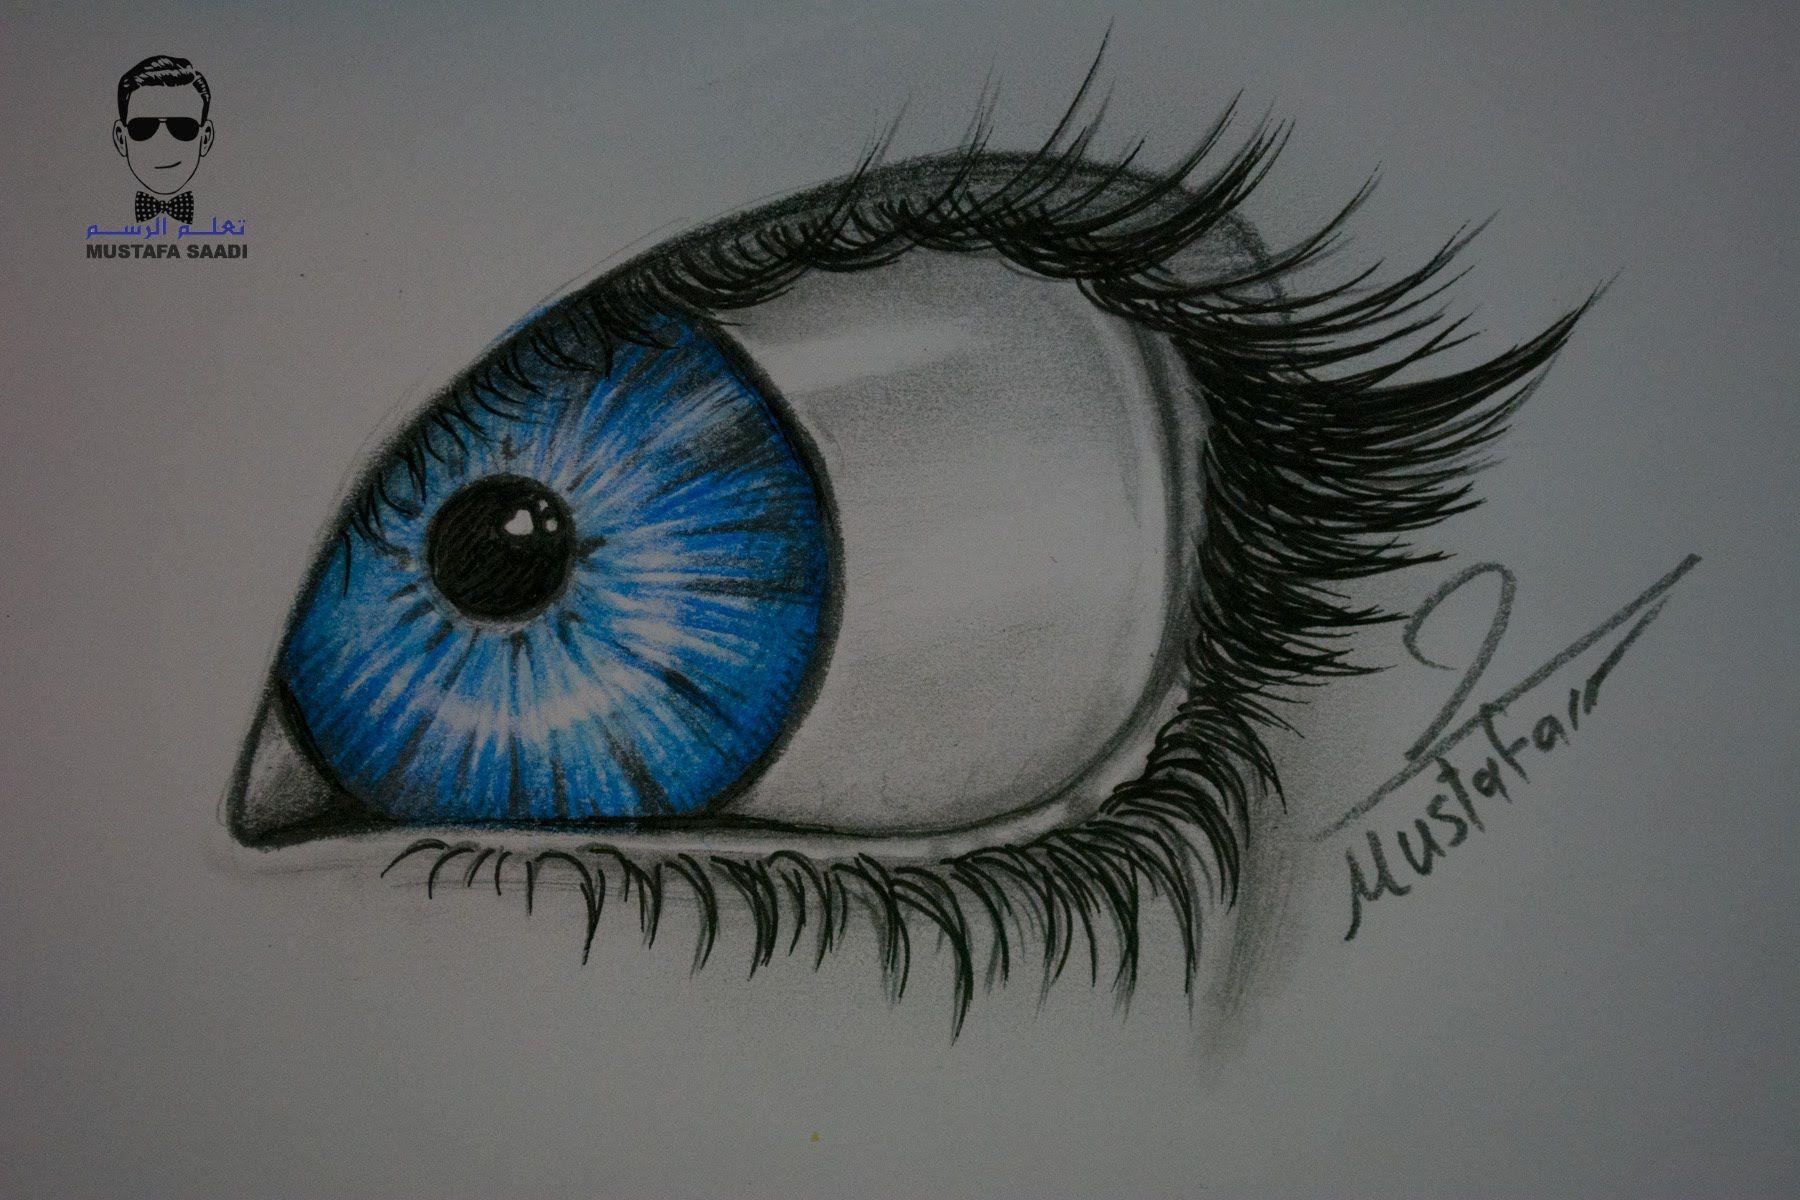 درس رسم العين بالرصاص والالوان الخشبية للمبتدئين خطوة بخطوة Colorful Drawings Eye Drawing Drawings